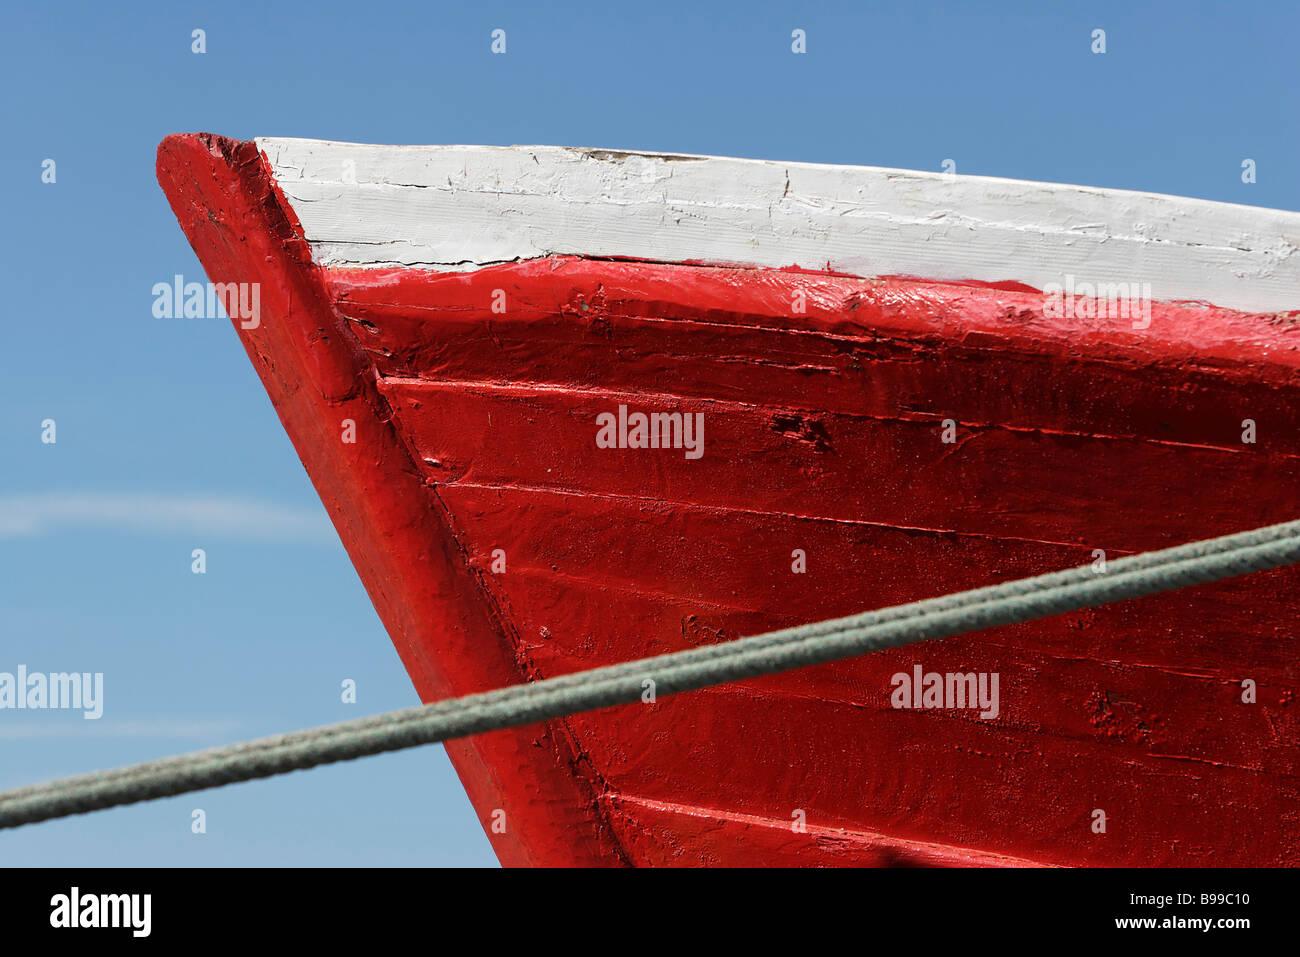 Prua della barca, extreme close-up Immagini Stock